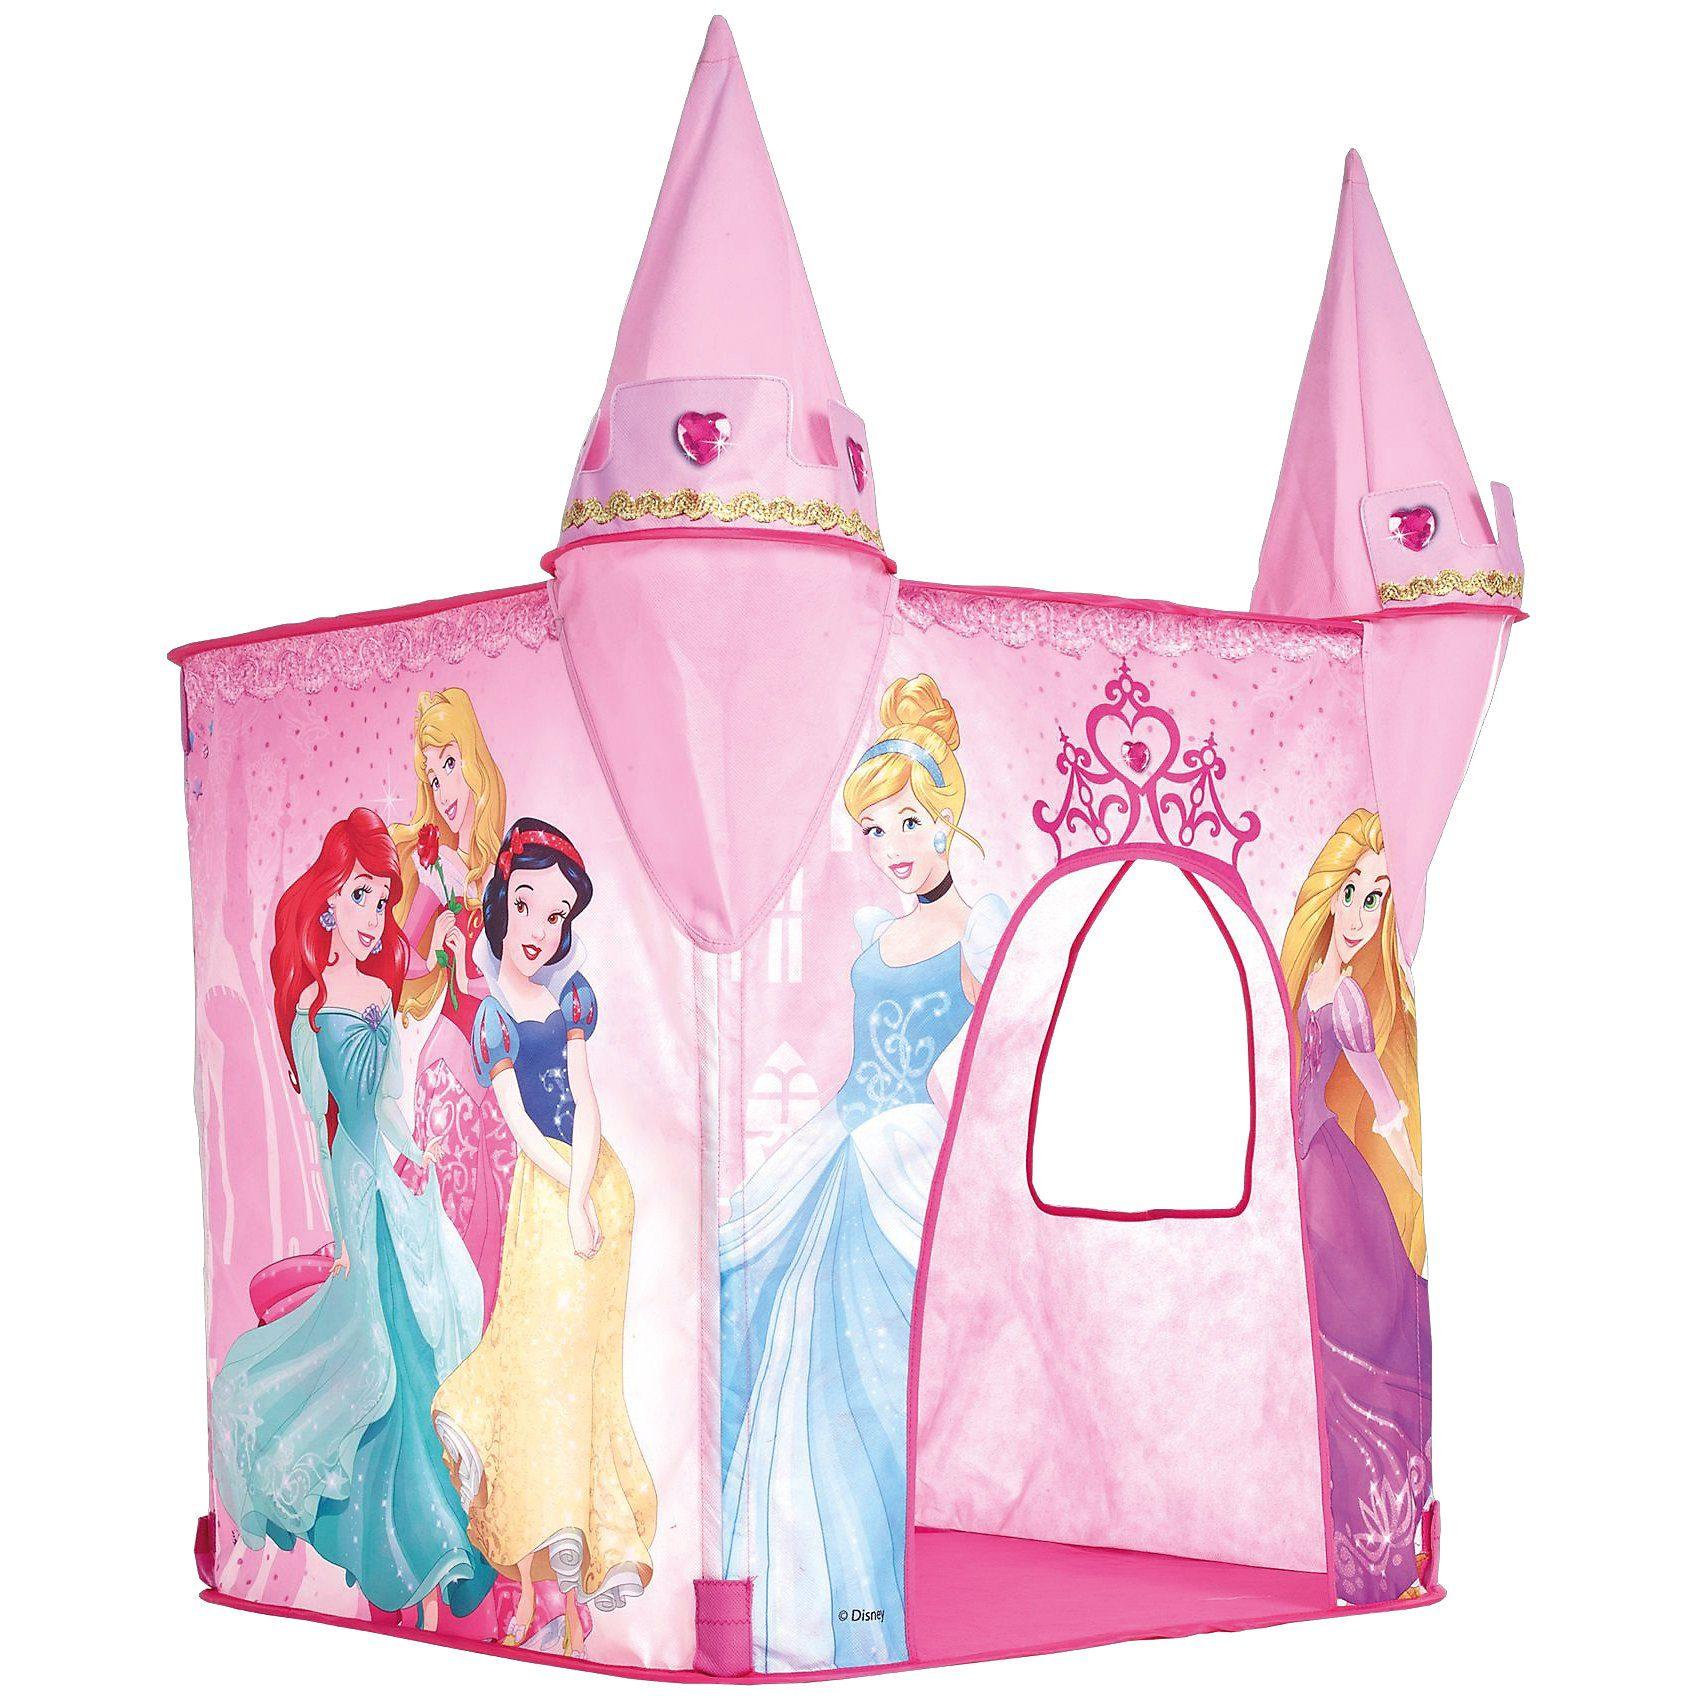 WORLDS APART Spielzelt mit 2 Türmen, Disney Princess